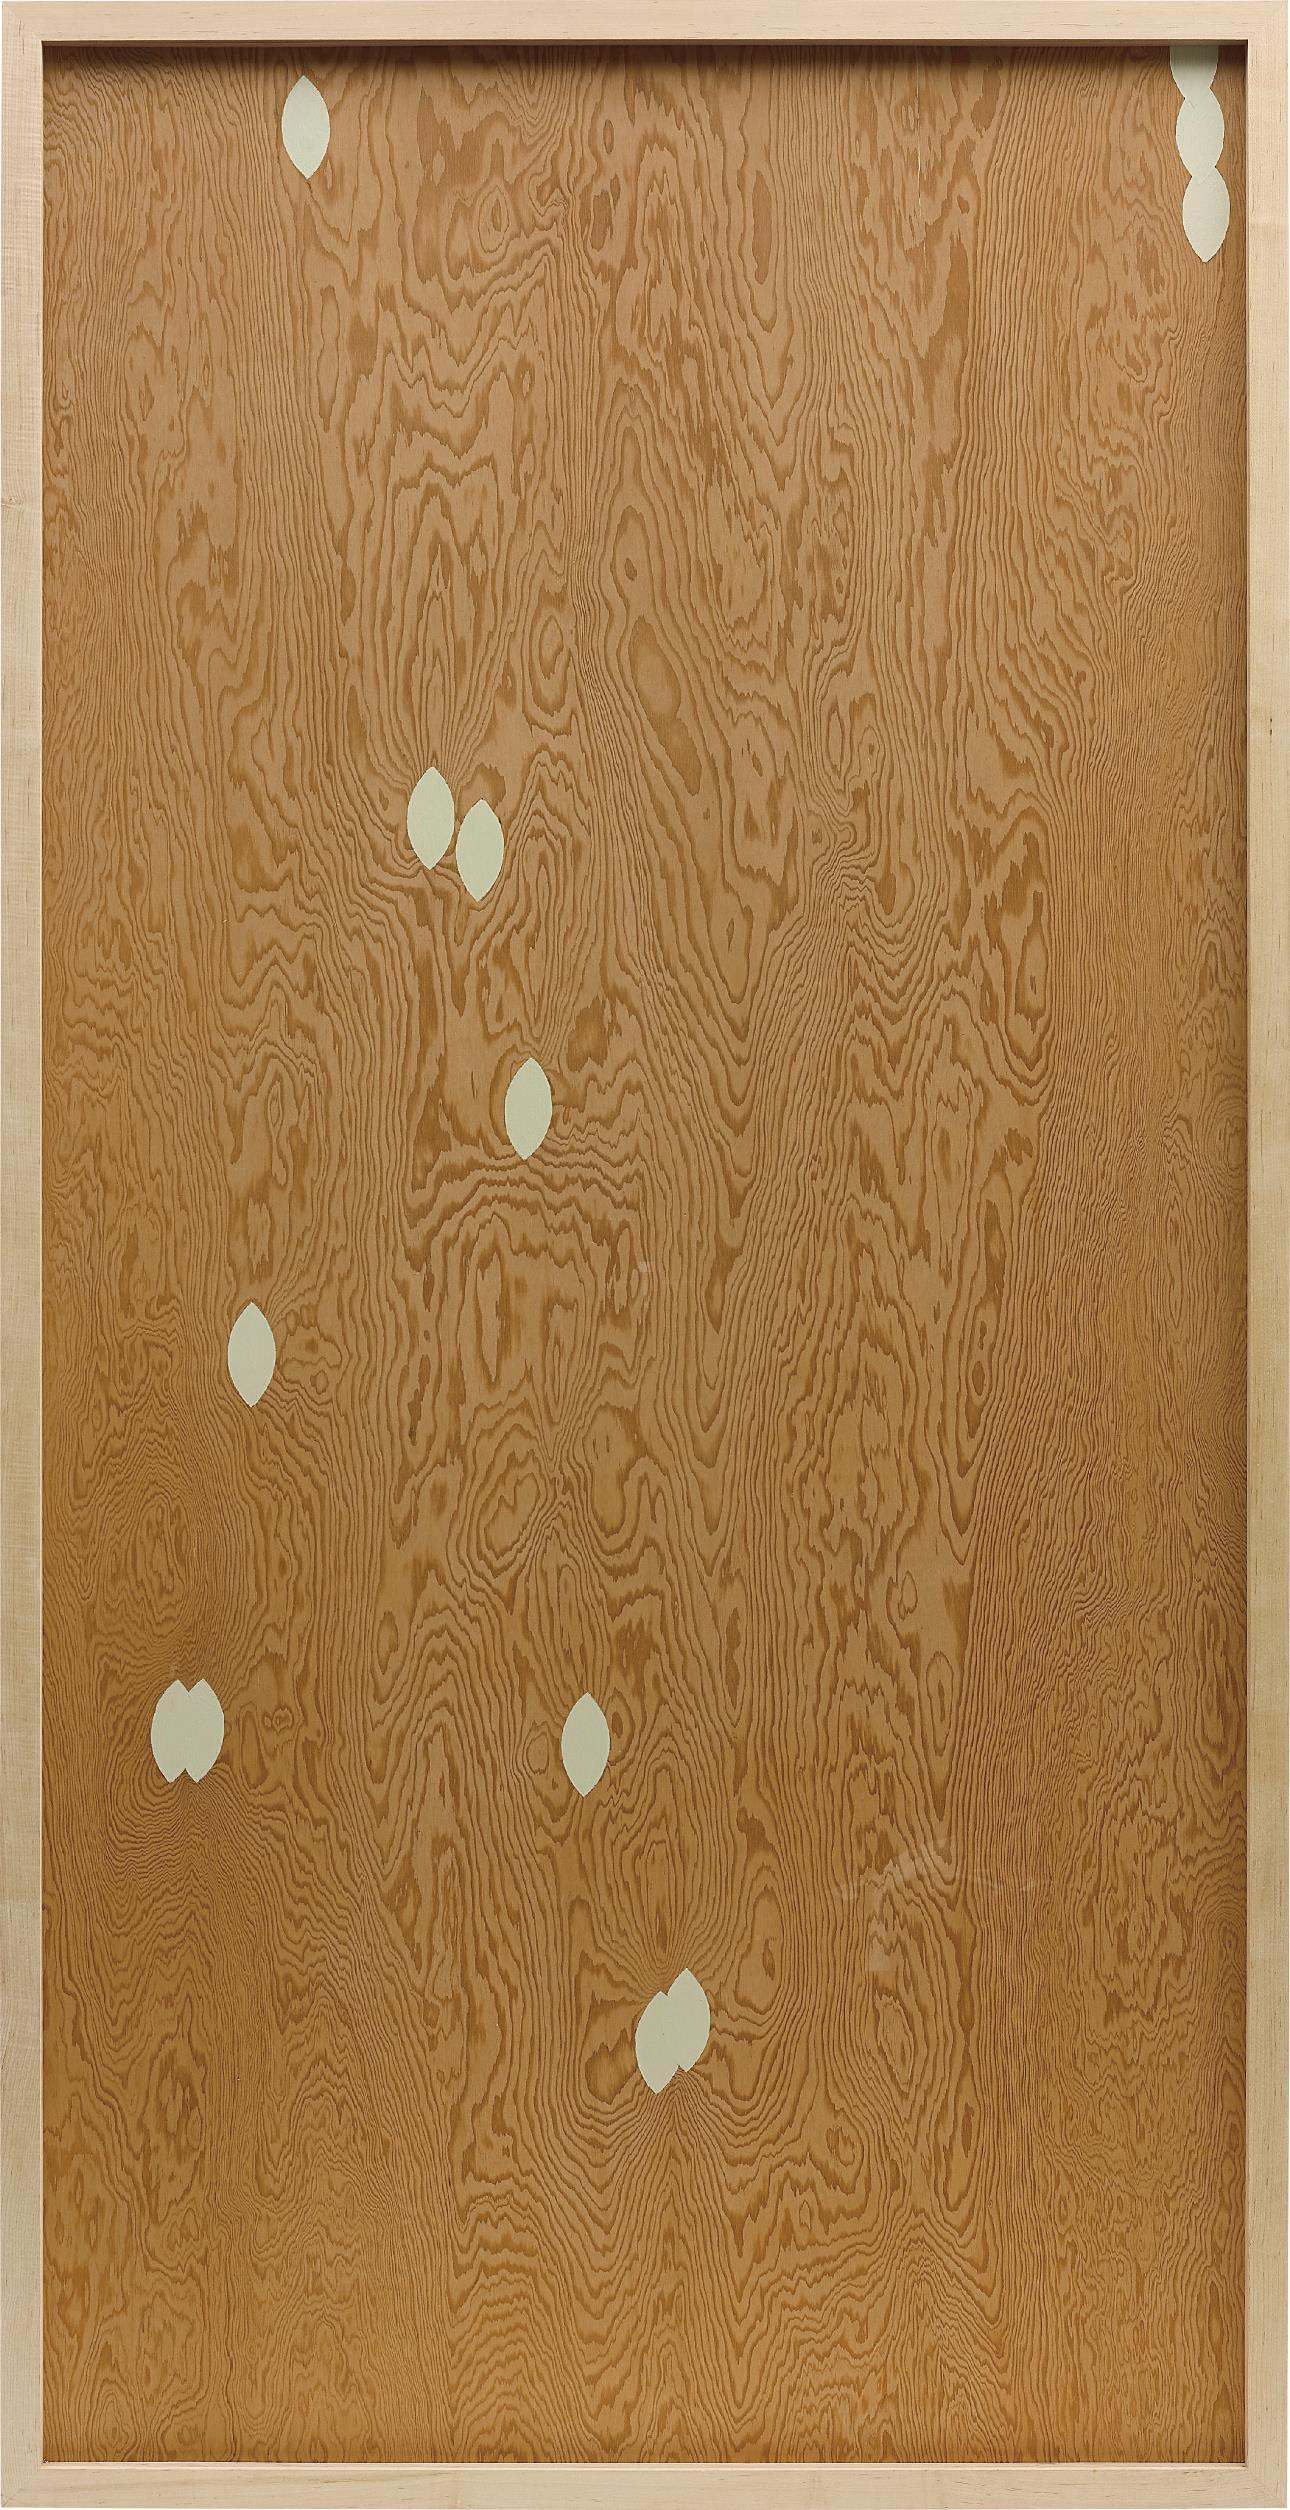 Sherrie Levine-Parchment Knot: 3-2003